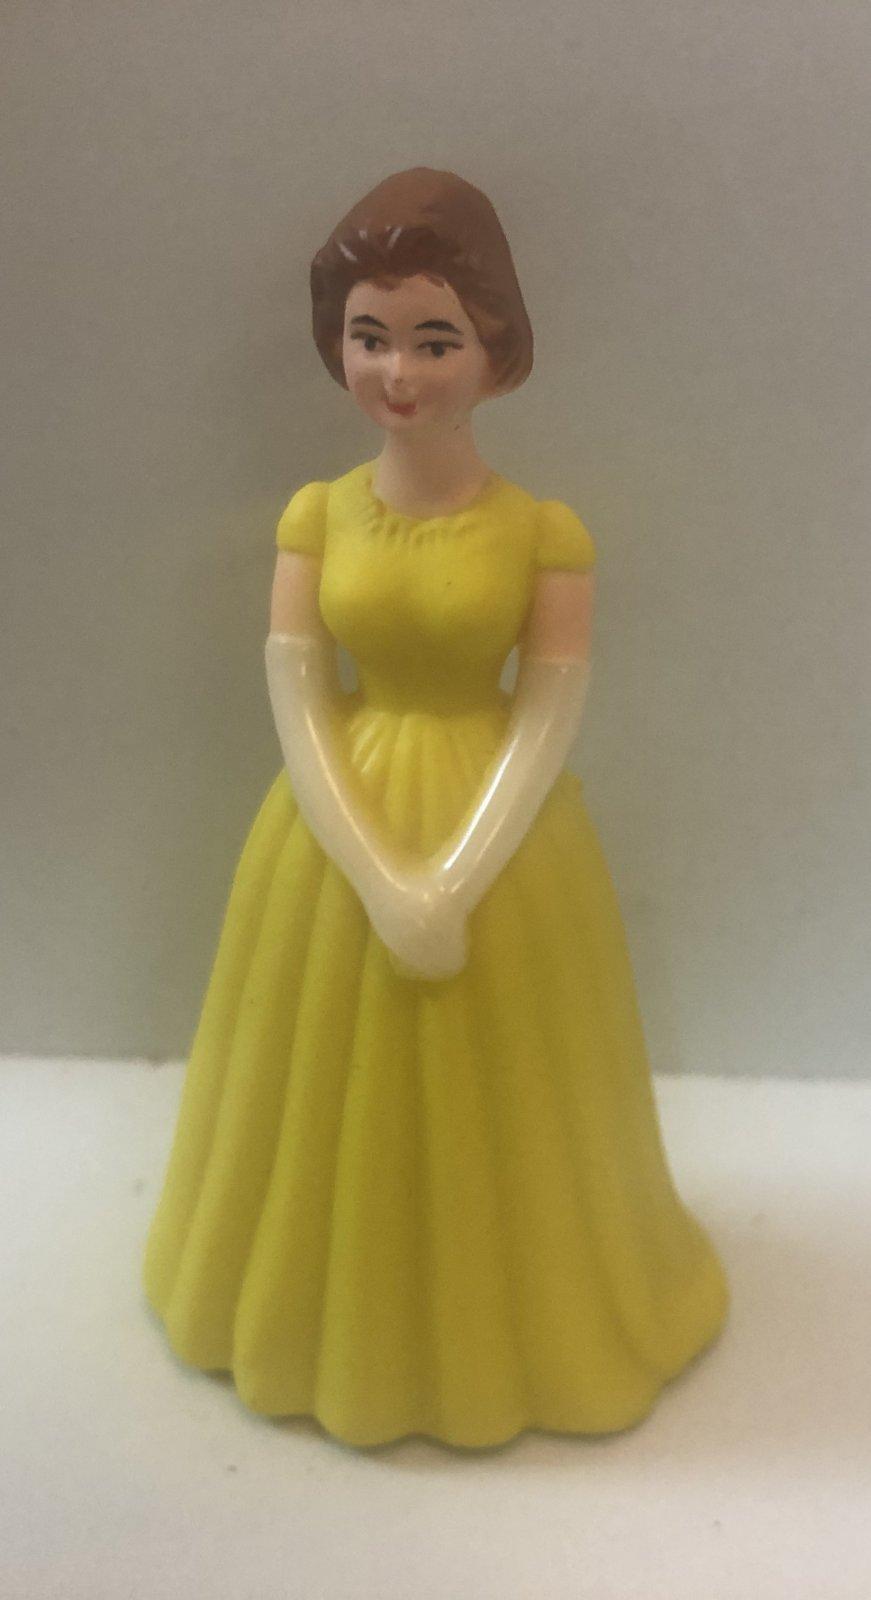 Yellow Bridesmaids 3 1/4 Tall